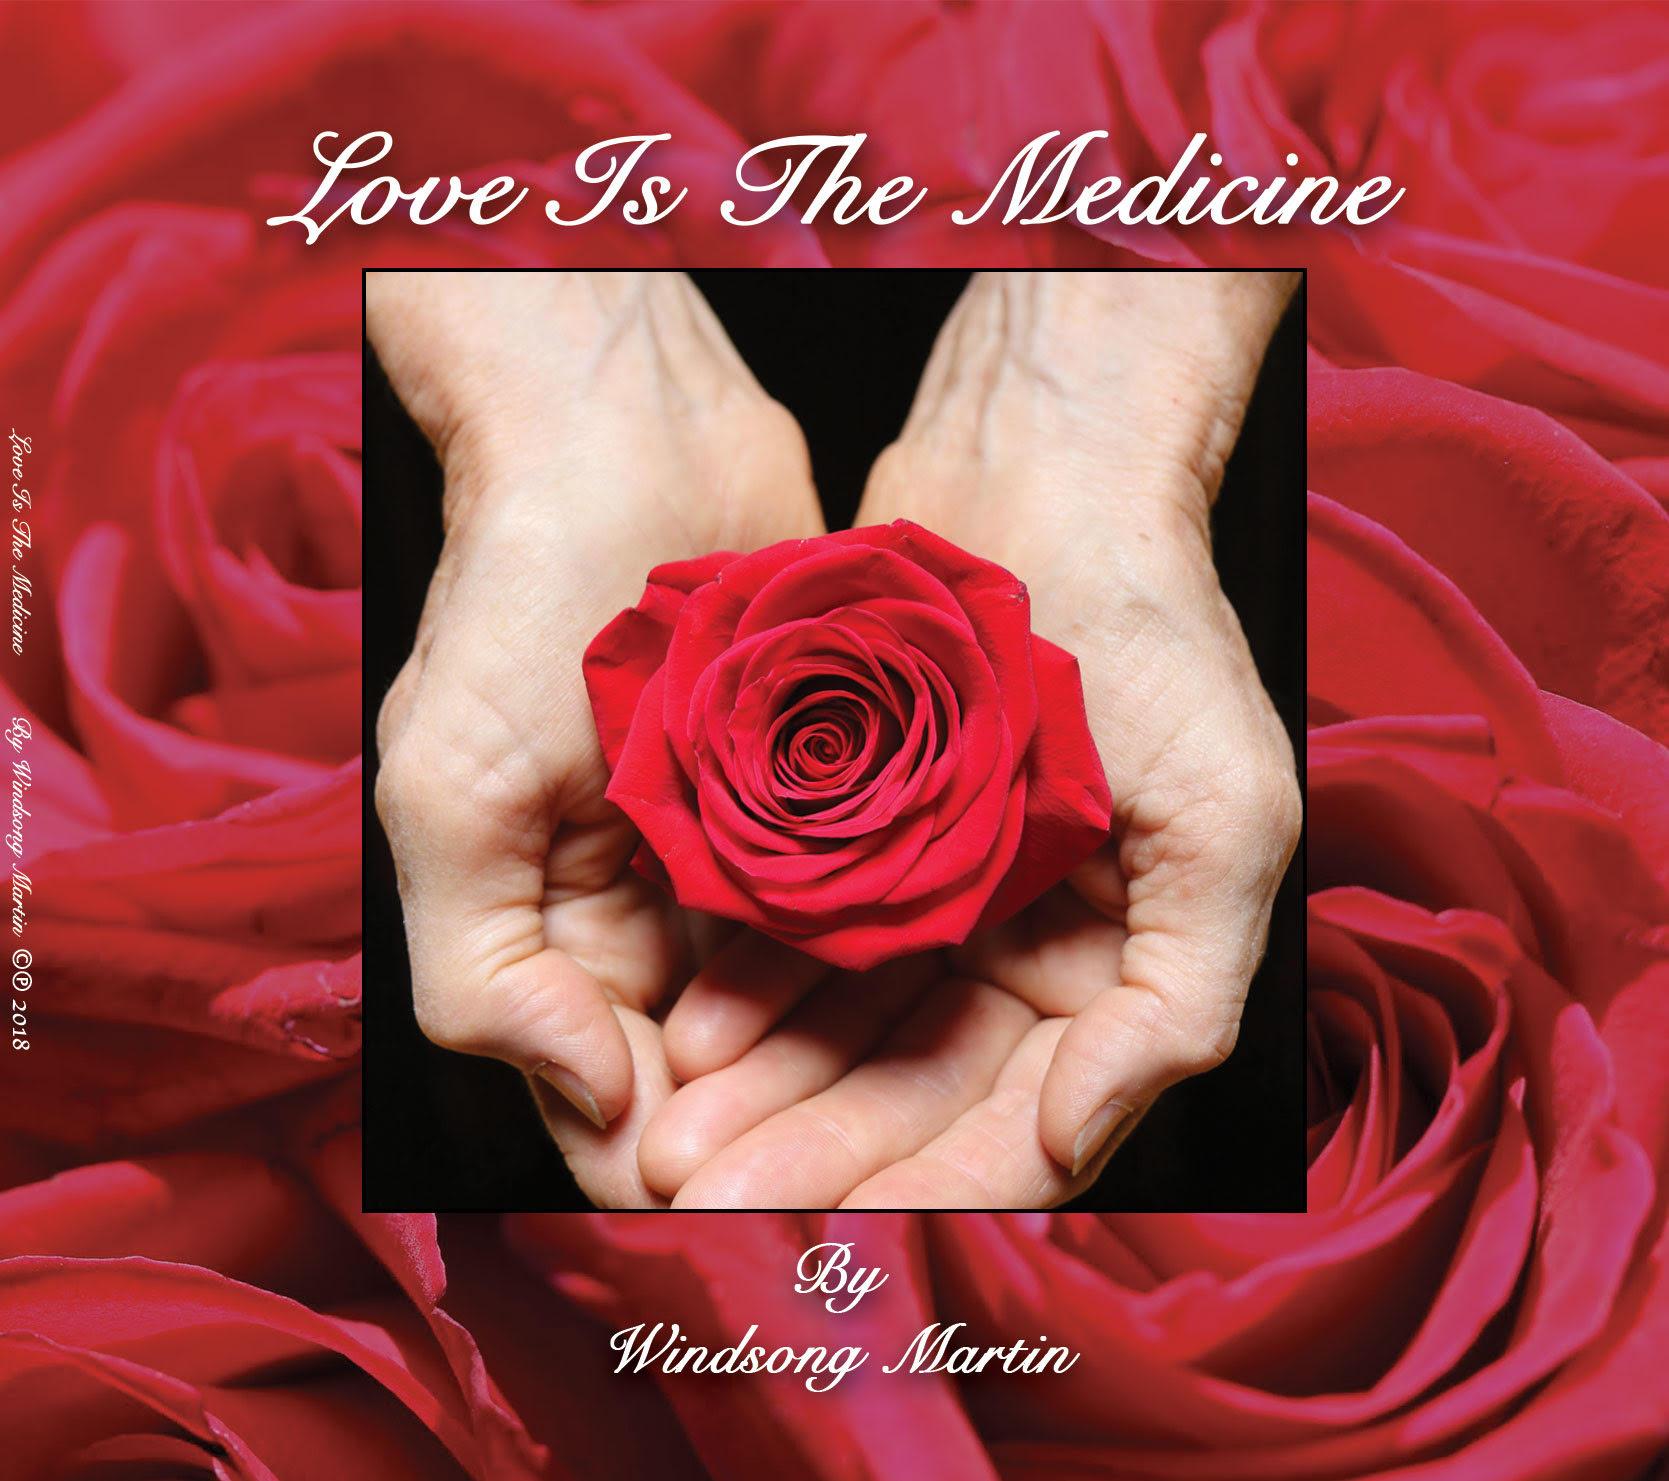 LoveIsTheMedicine.jpg